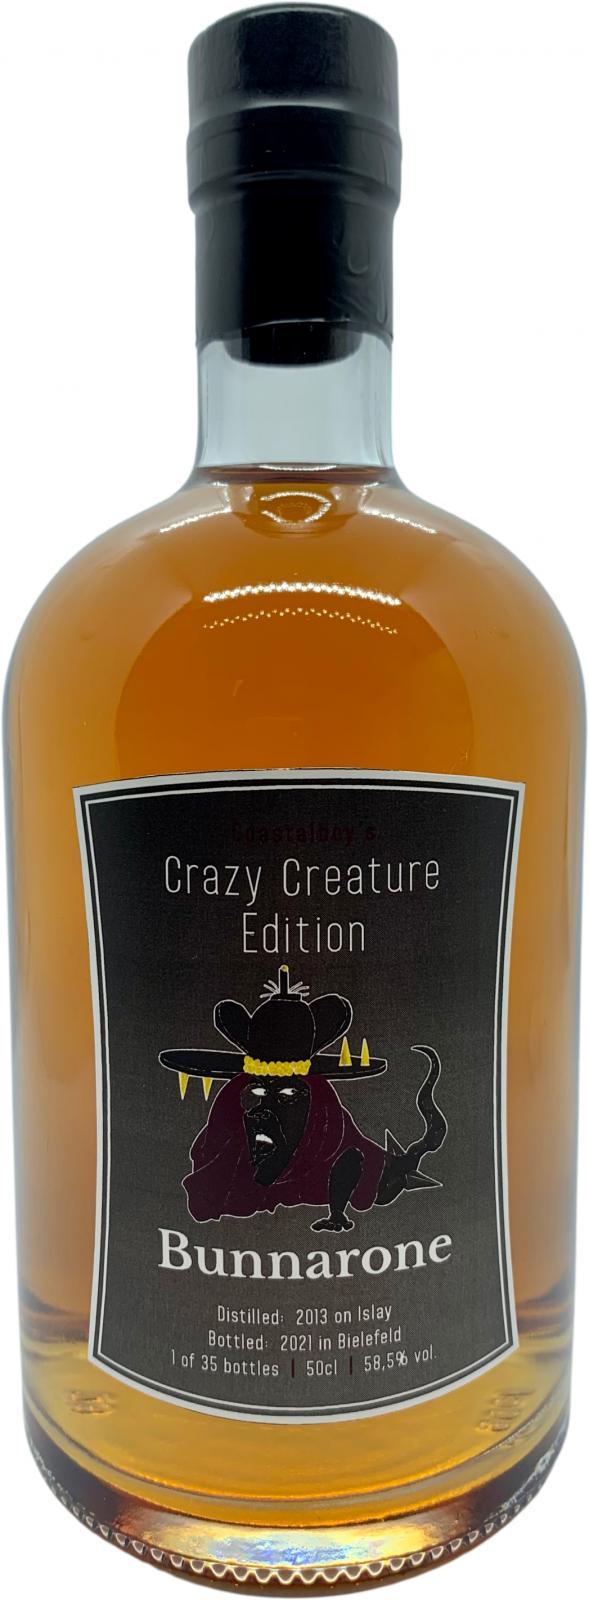 Crazy Creature Edition 2013 Cboy